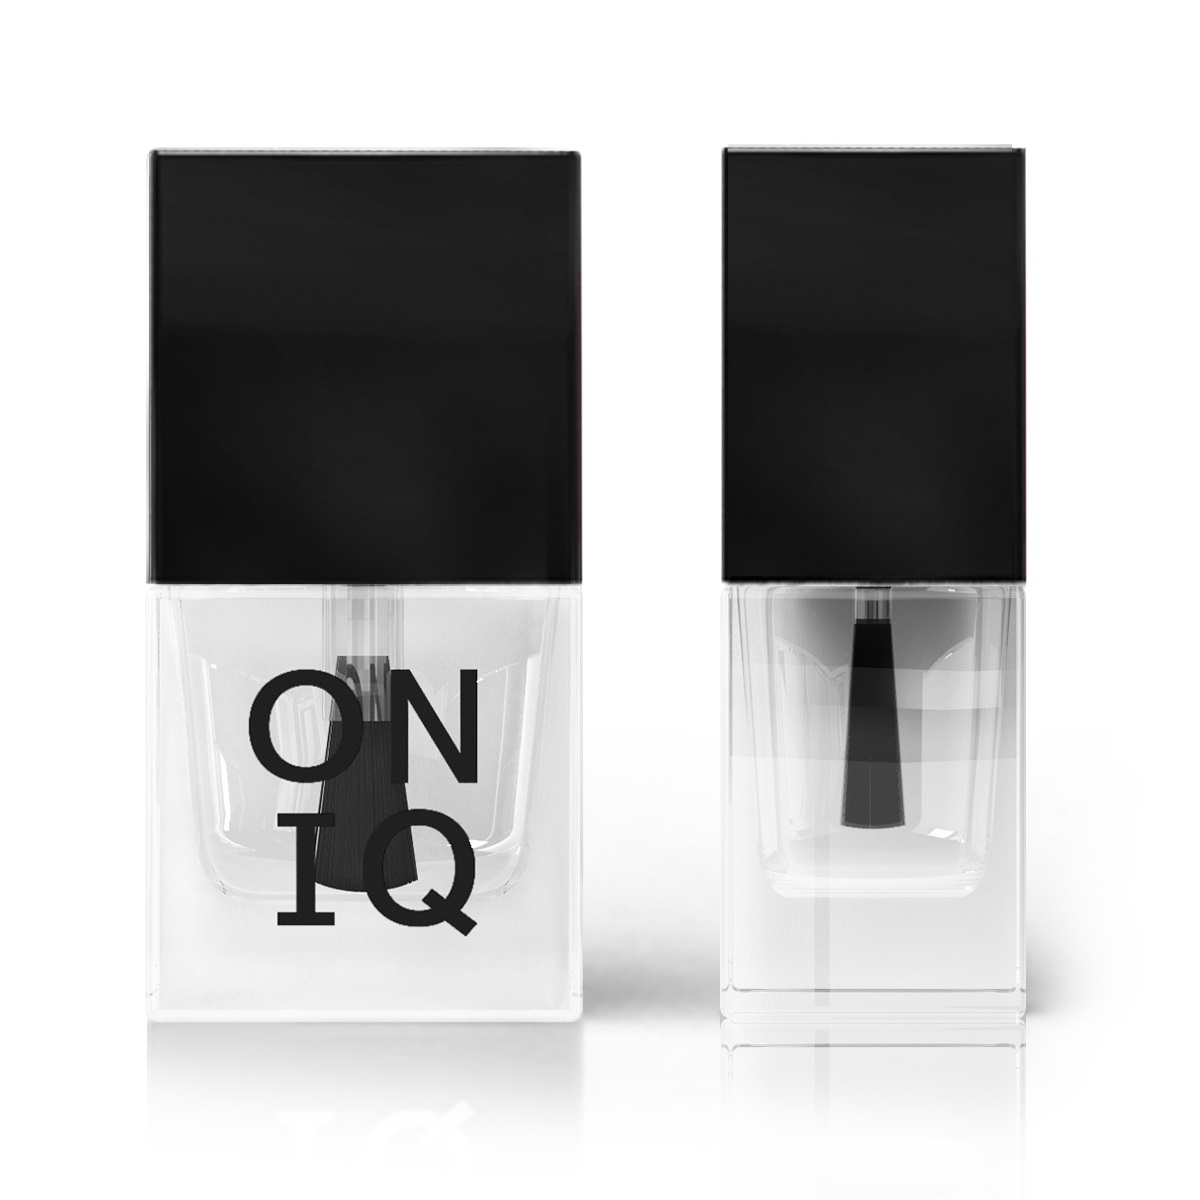 ONIQ Праймер бескислотный для ногтей 10 мл - Особые средства